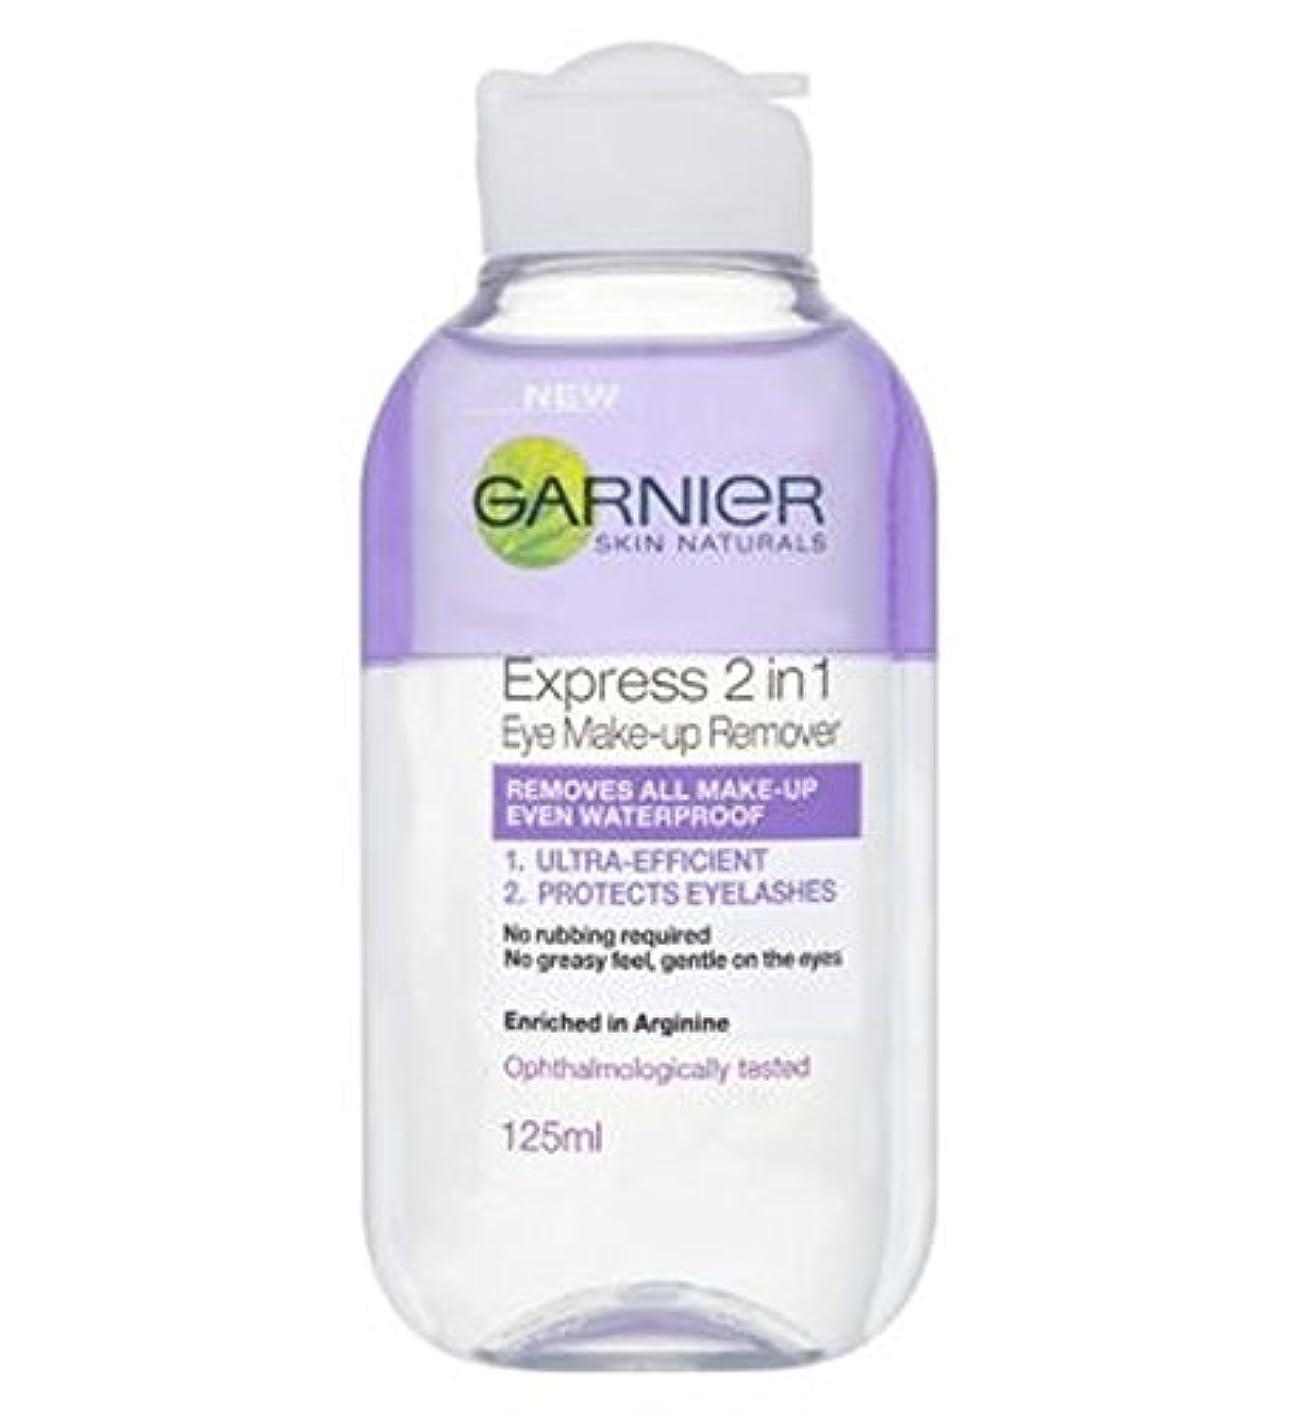 分析的トムオードリースアスリートGarnier Express 2in1 eye make up remover 125ml - ガルニエ急行の2In1の目は、リムーバー125ミリリットルを作ります (Garnier) [並行輸入品]